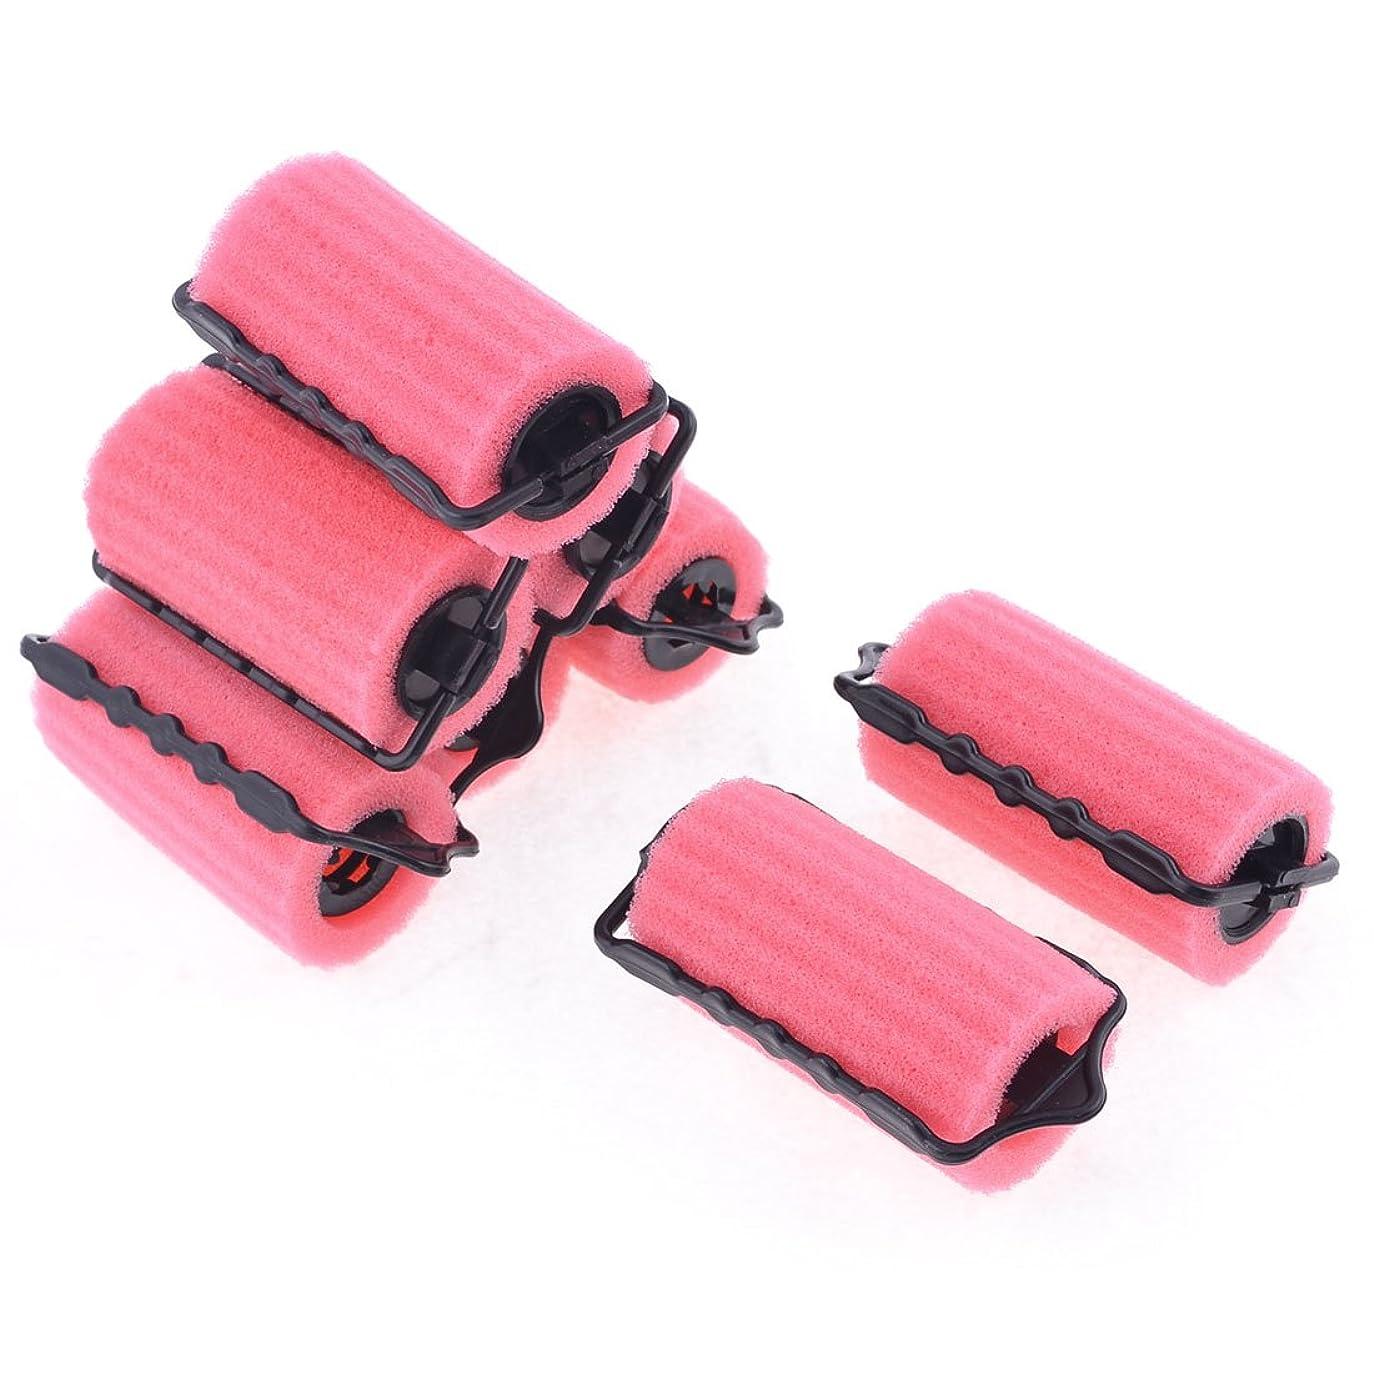 拾う領域掃除スポンジローラー髪カーラー 巻きカーラー プラスチック製スボンジ製ピンク 女性用 8個入り